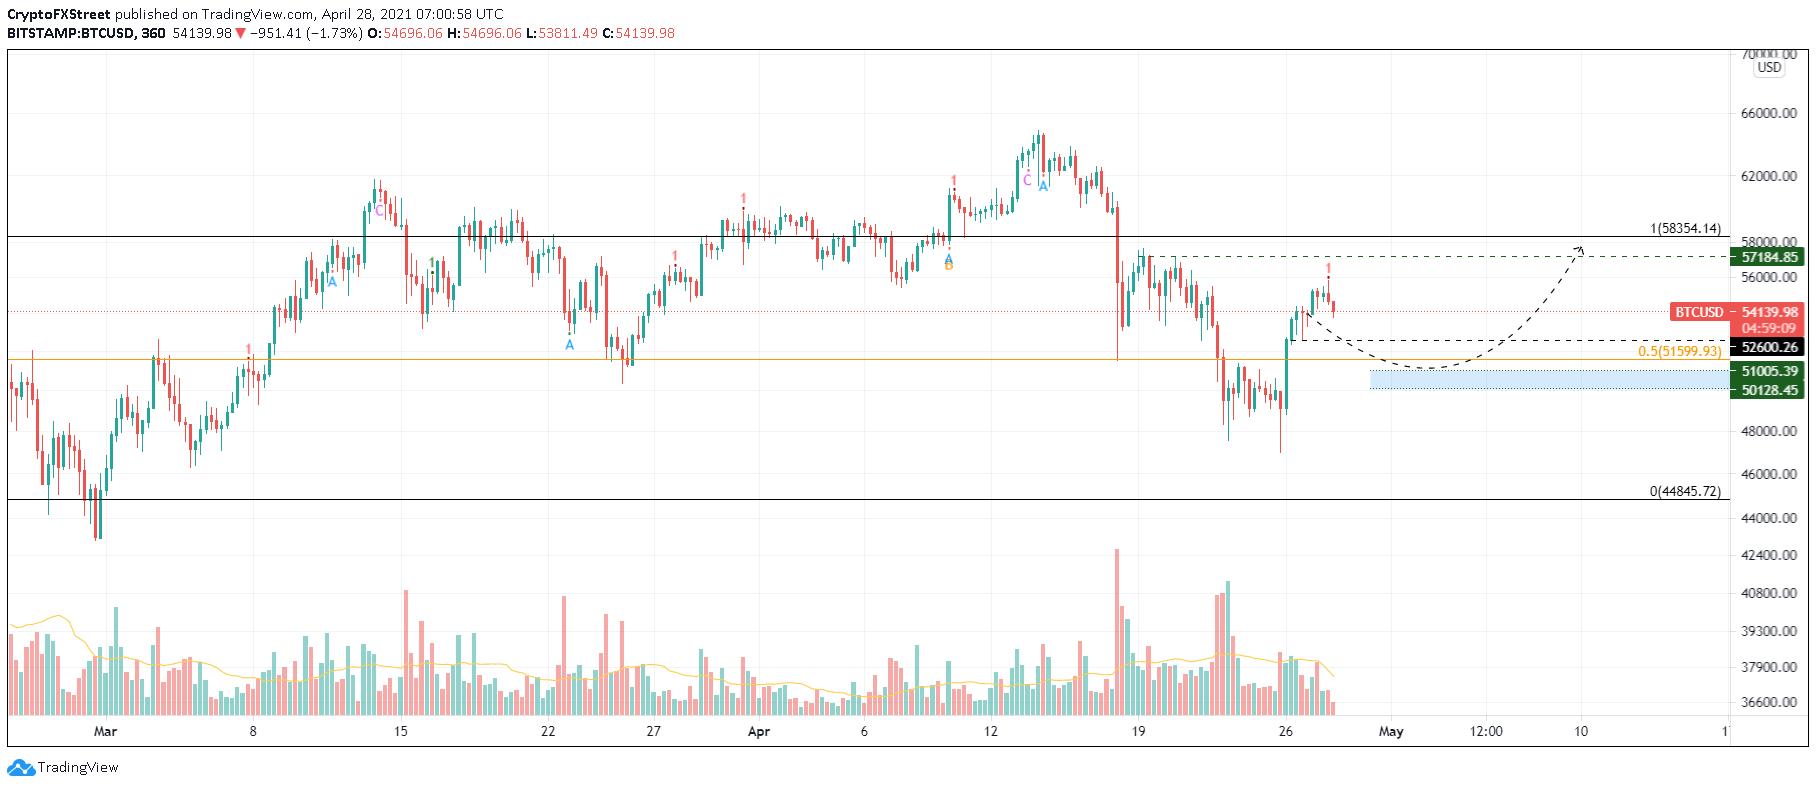 Graphique BTC / USD sur 6 heures